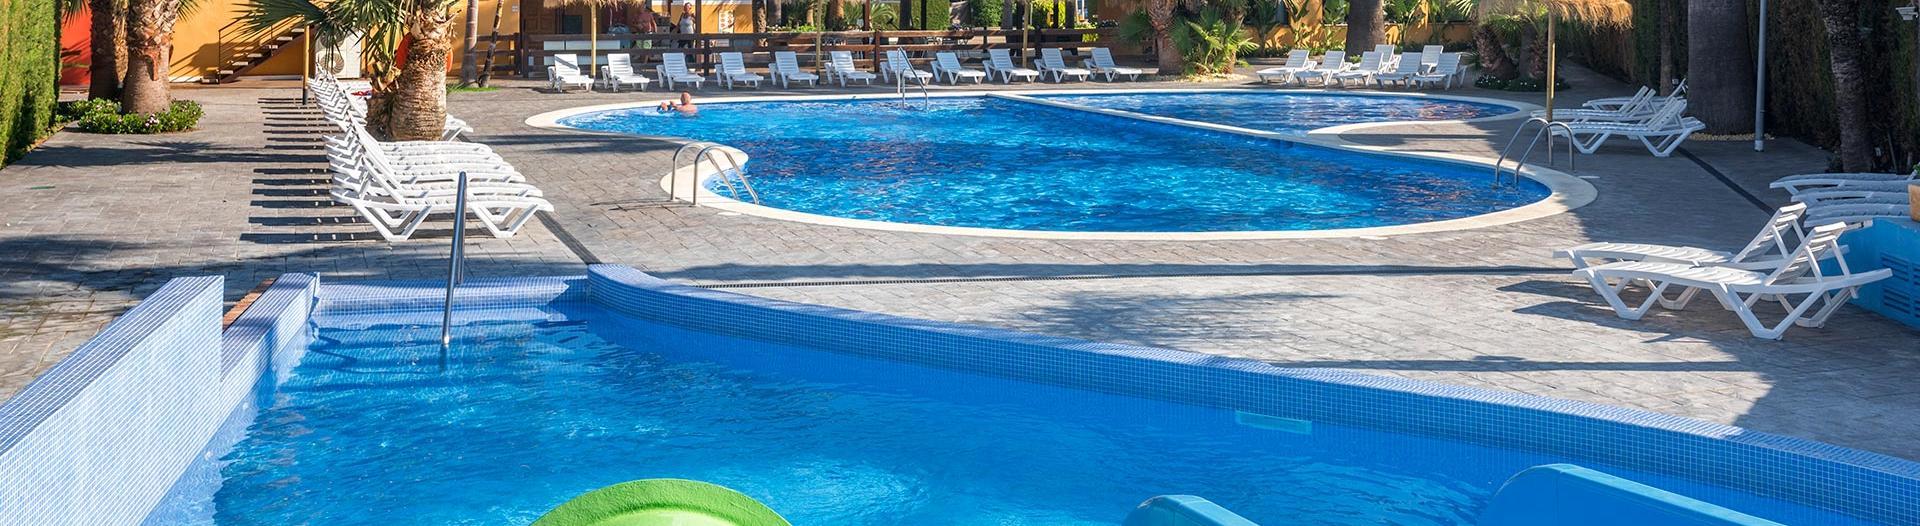 slider-camping-enmar-piscines